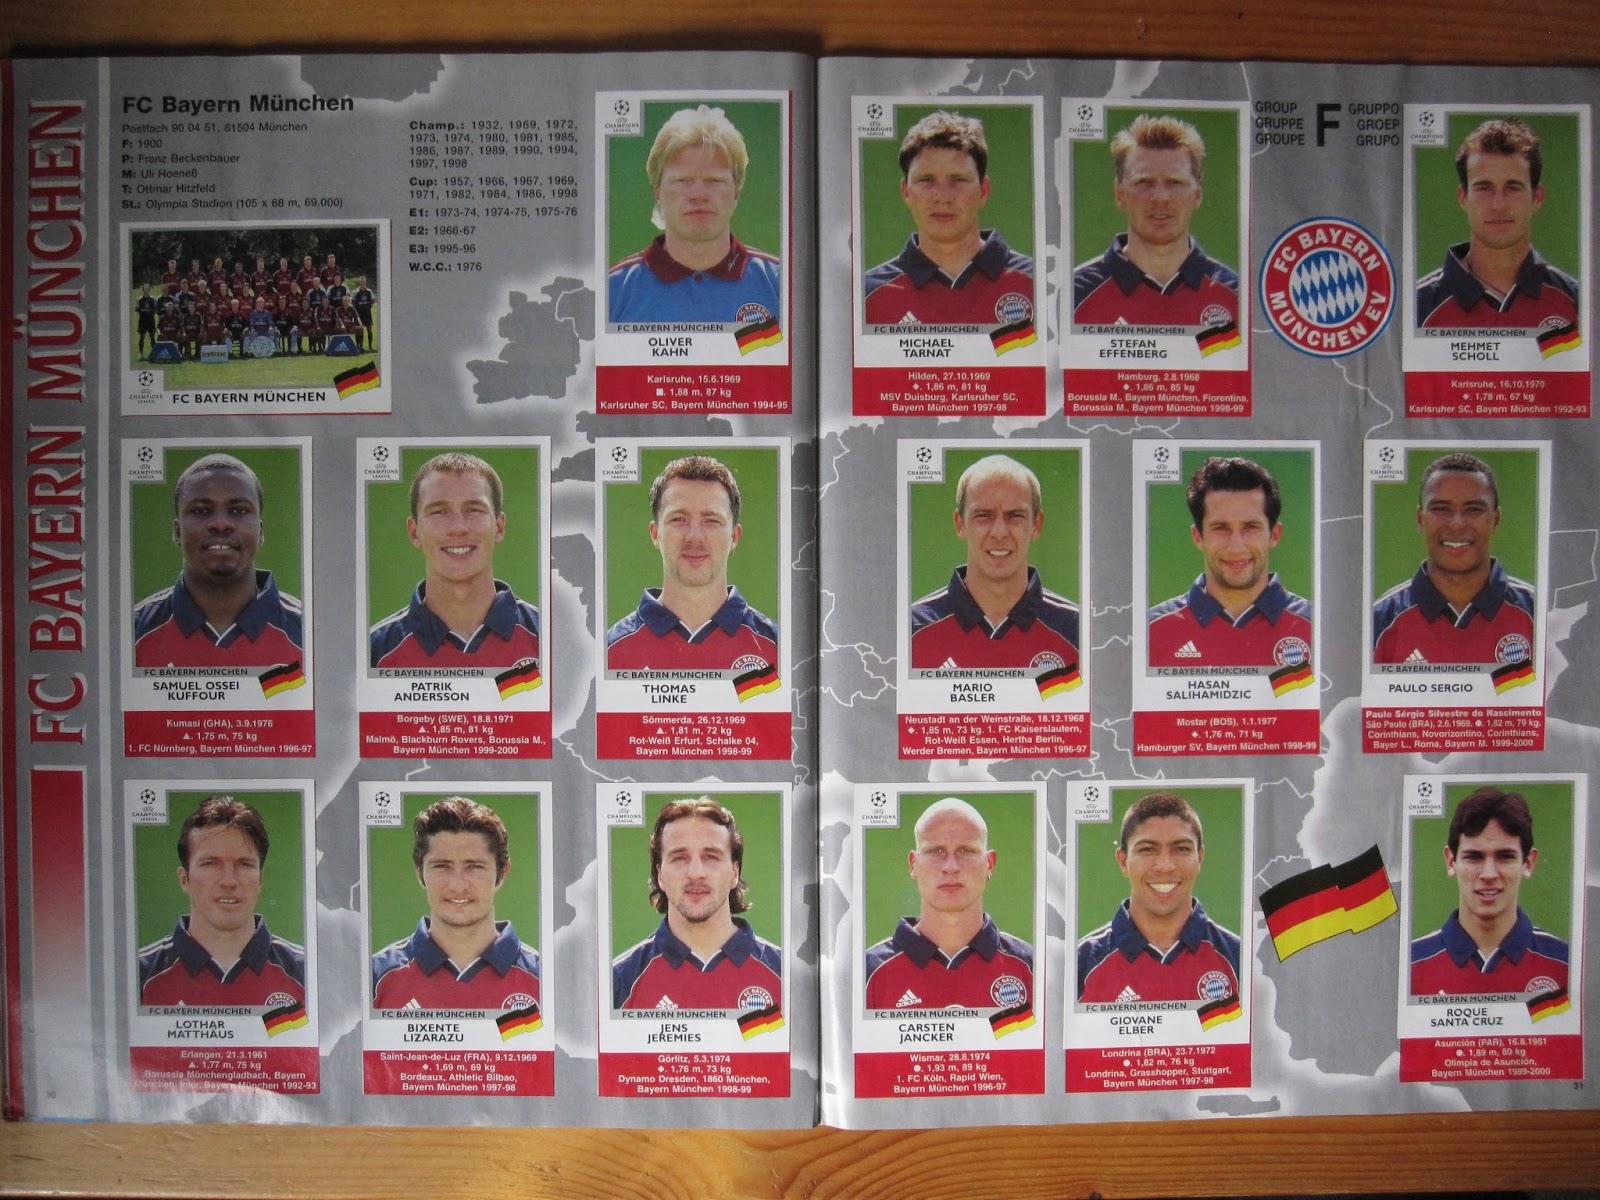 champions league 2000